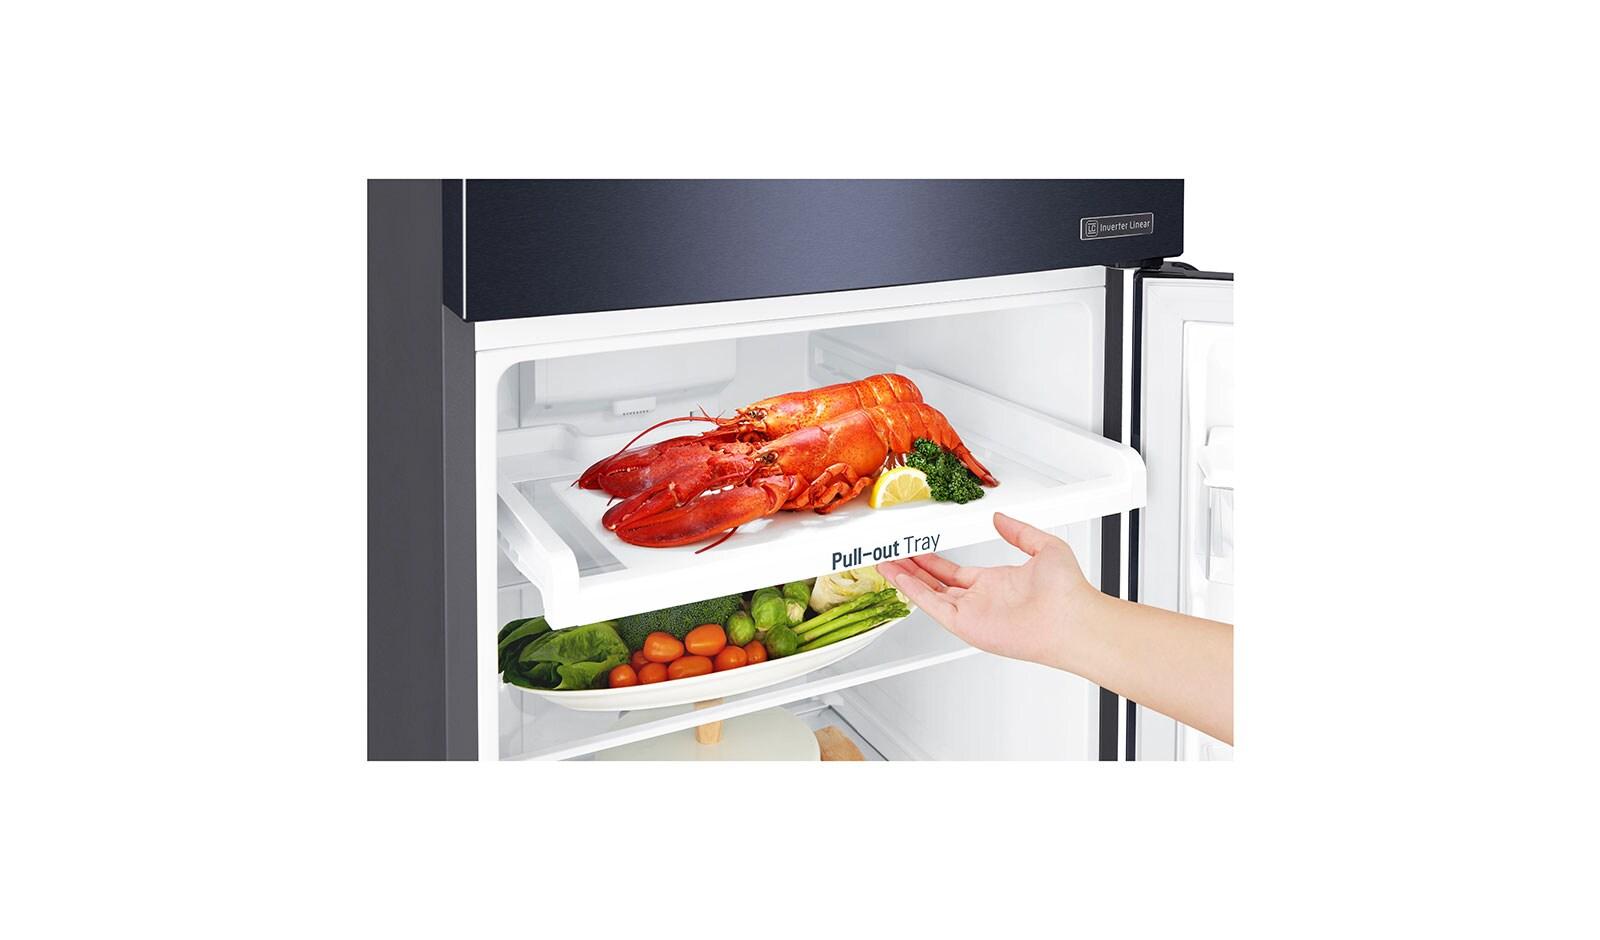 Stainless Steel Vcm Top Freezer Lg Refrigerator Schematics